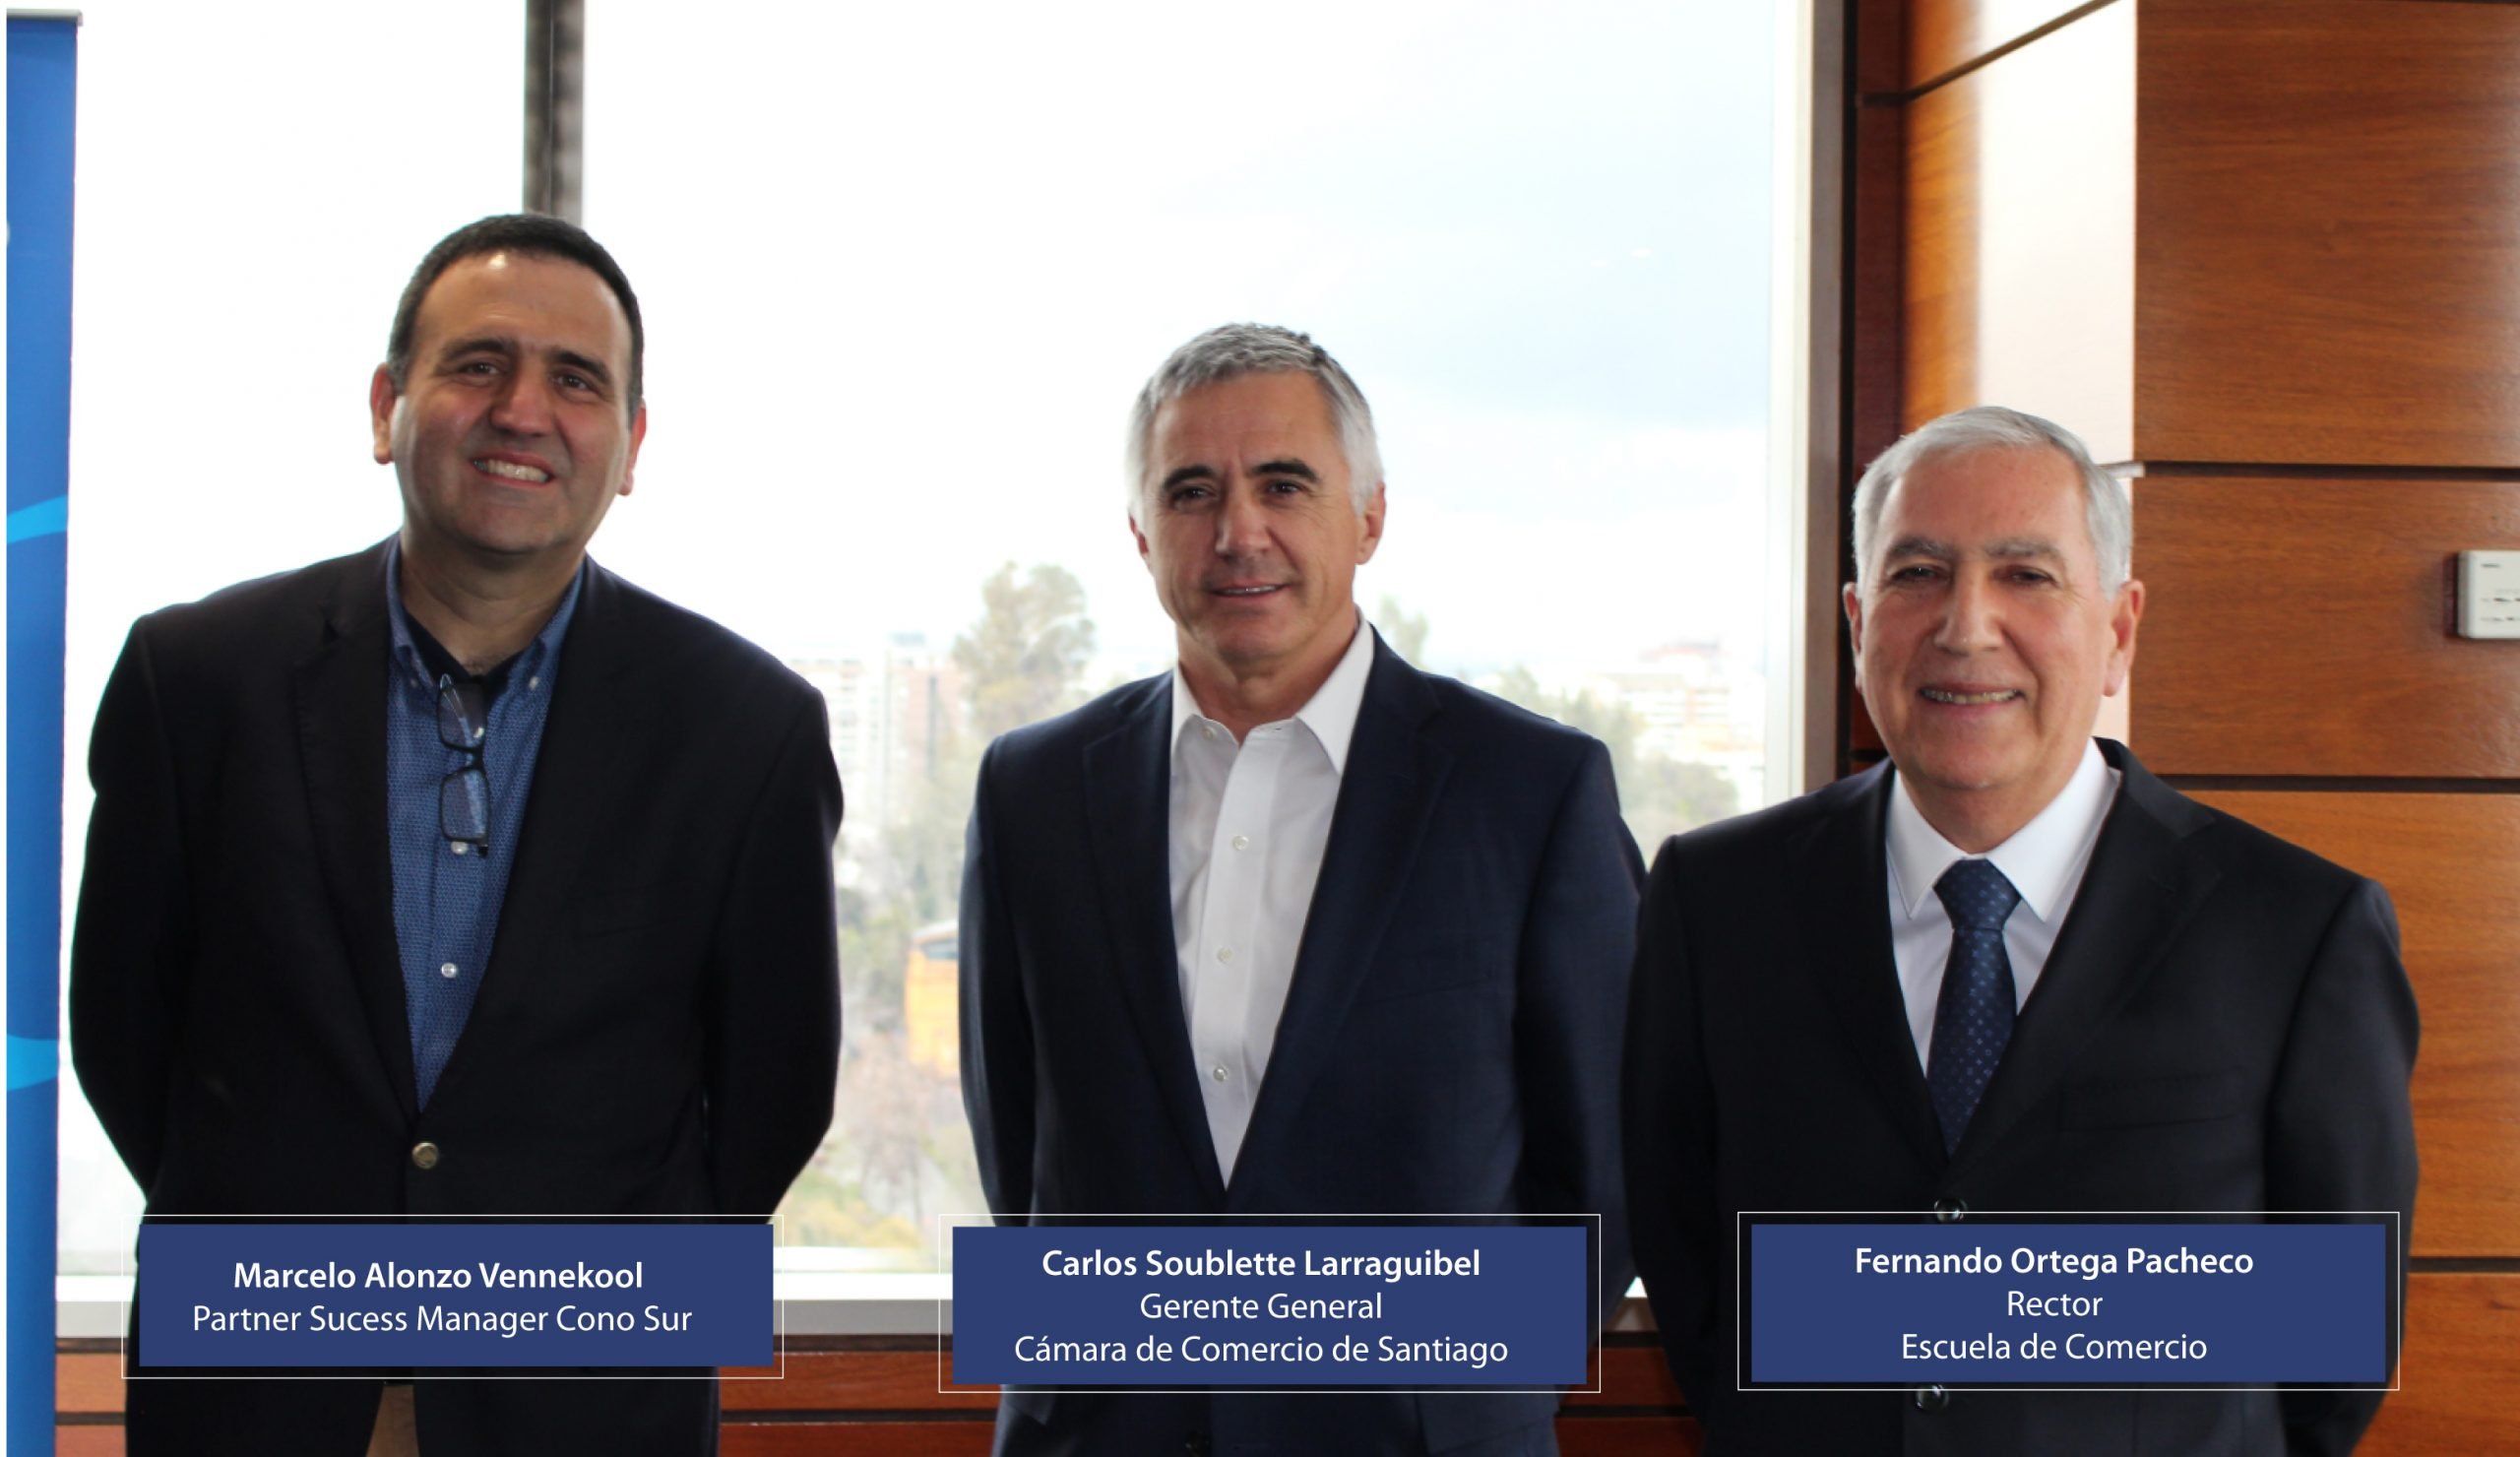 Escuela de Comercio - Convenio de cooperación entre SAS, Cámara de Comercio y la Escuela de Comercio